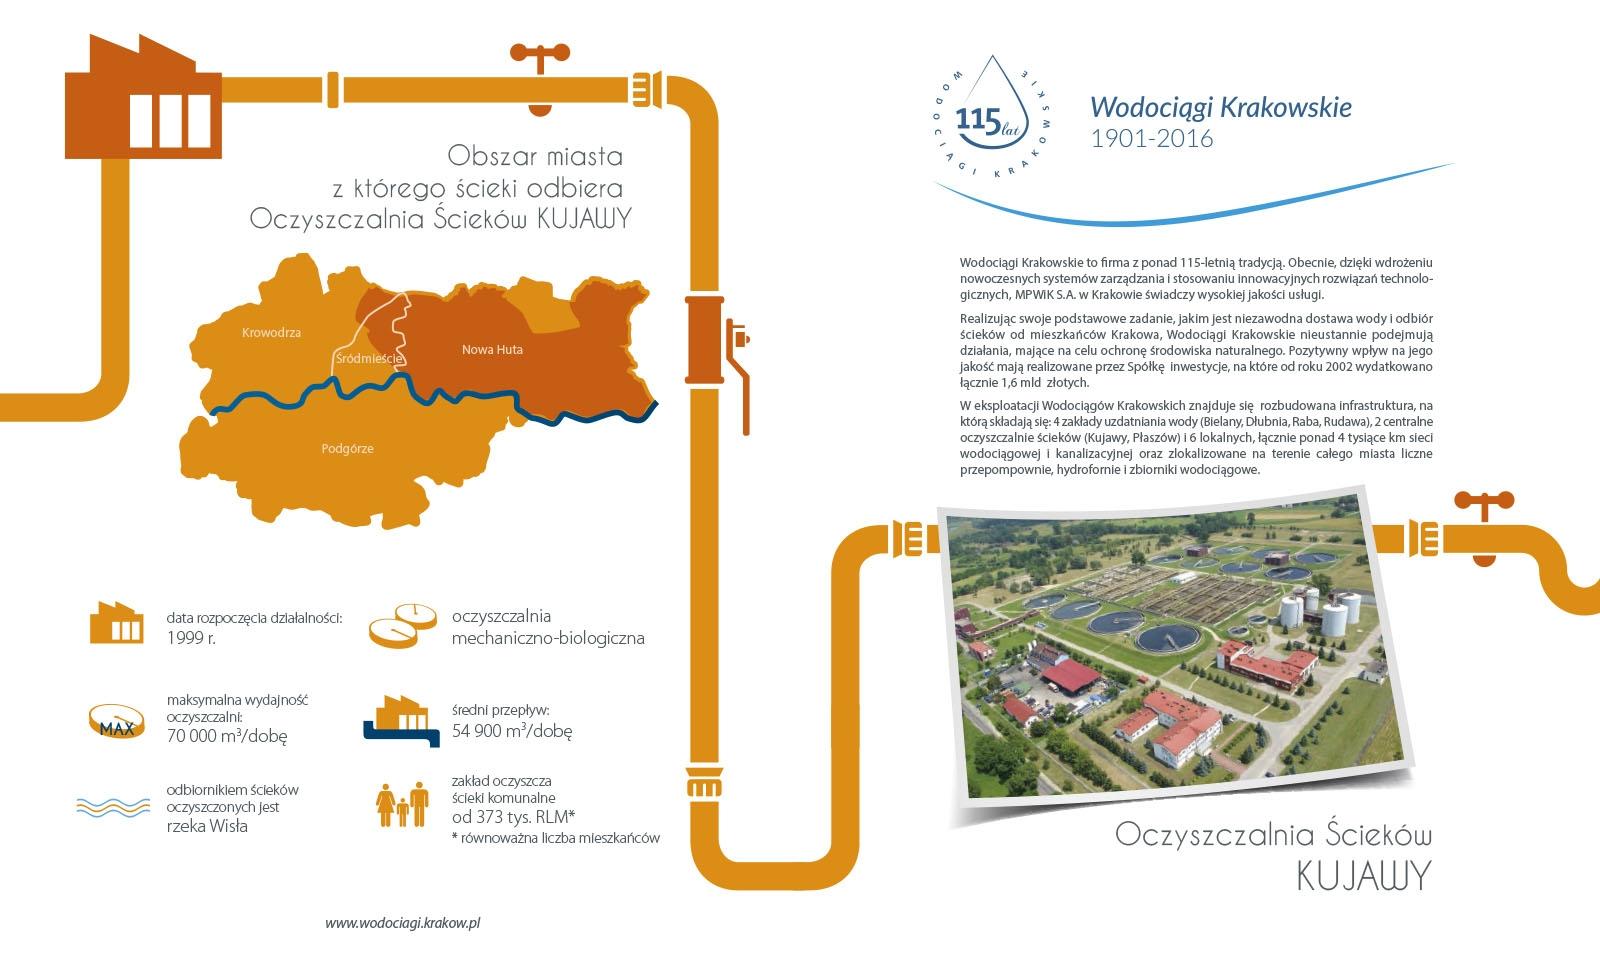 Tytuł: Schemat technologiczno-organizacyjny OŚ Kujawy - poszczególne strony dostępne tylko po kliknieciu na link